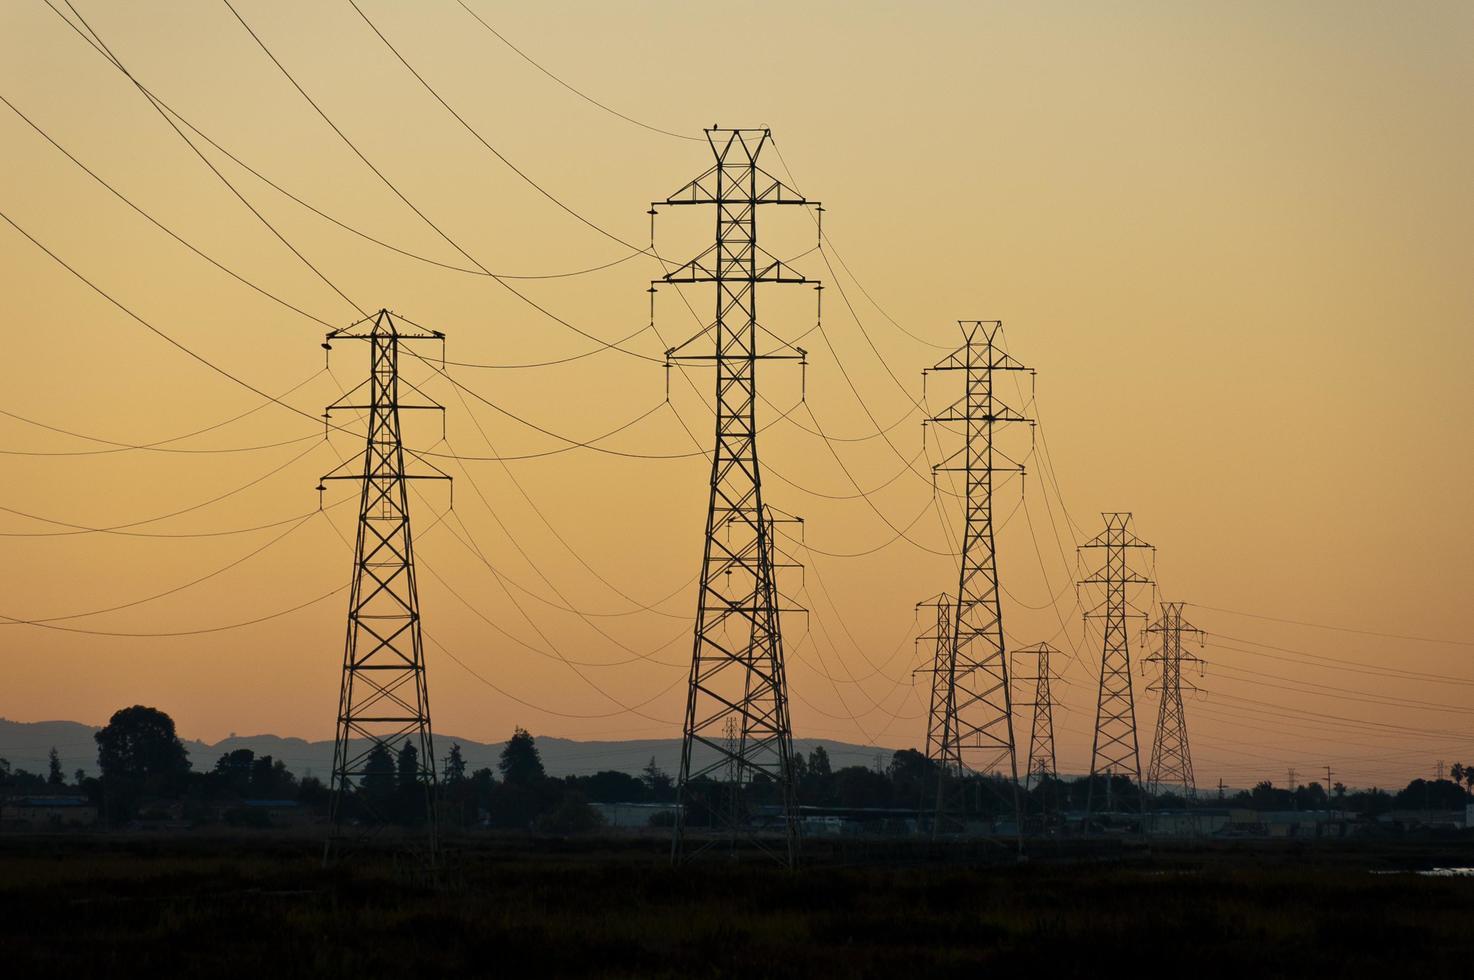 torres de energía al atardecer foto